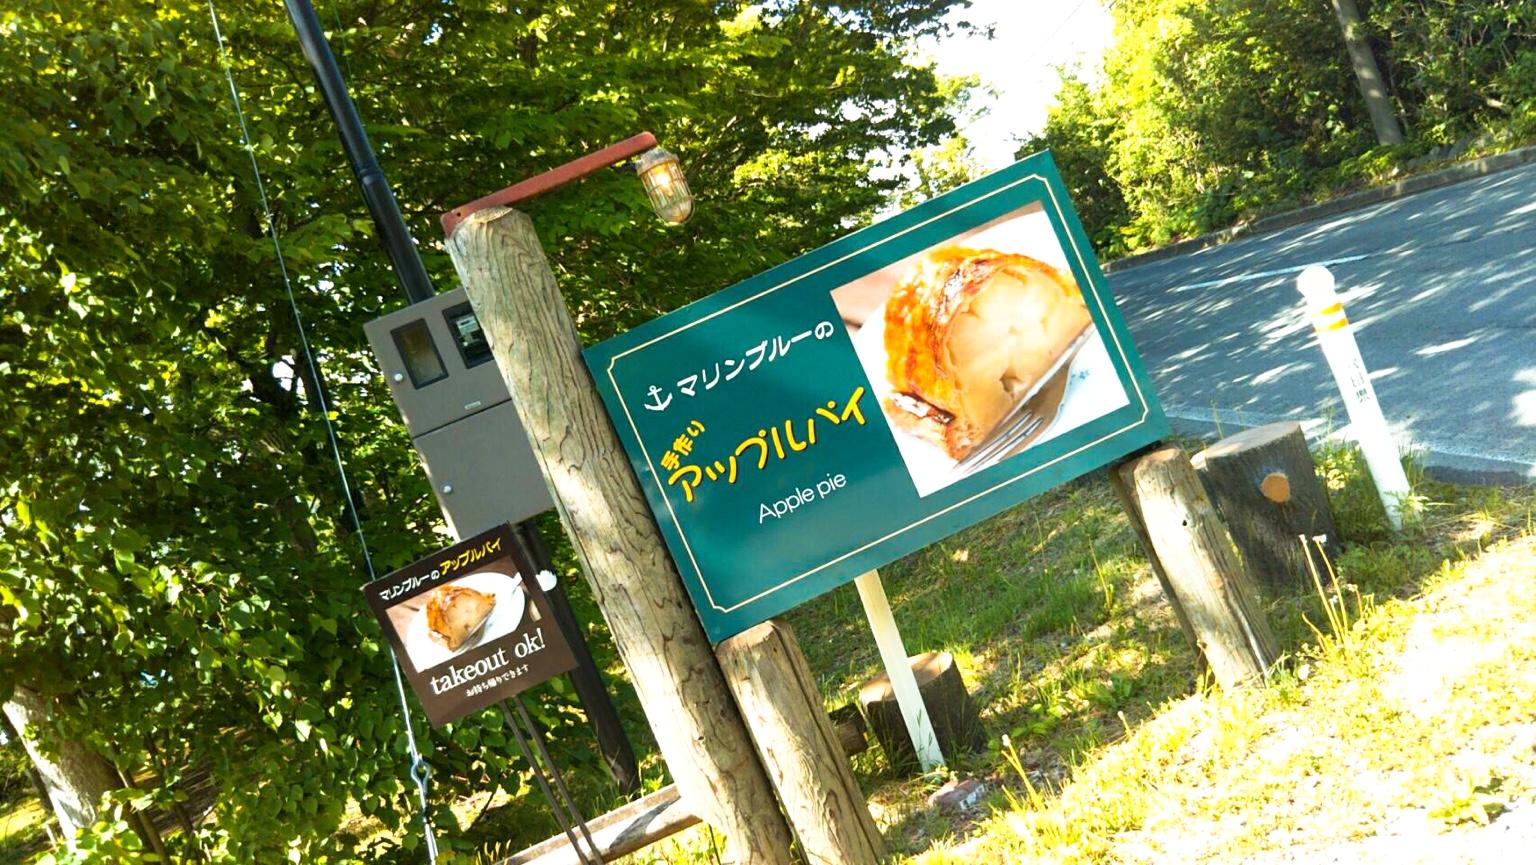 十和田湖で食べるマリンブルーのアップルパイ!